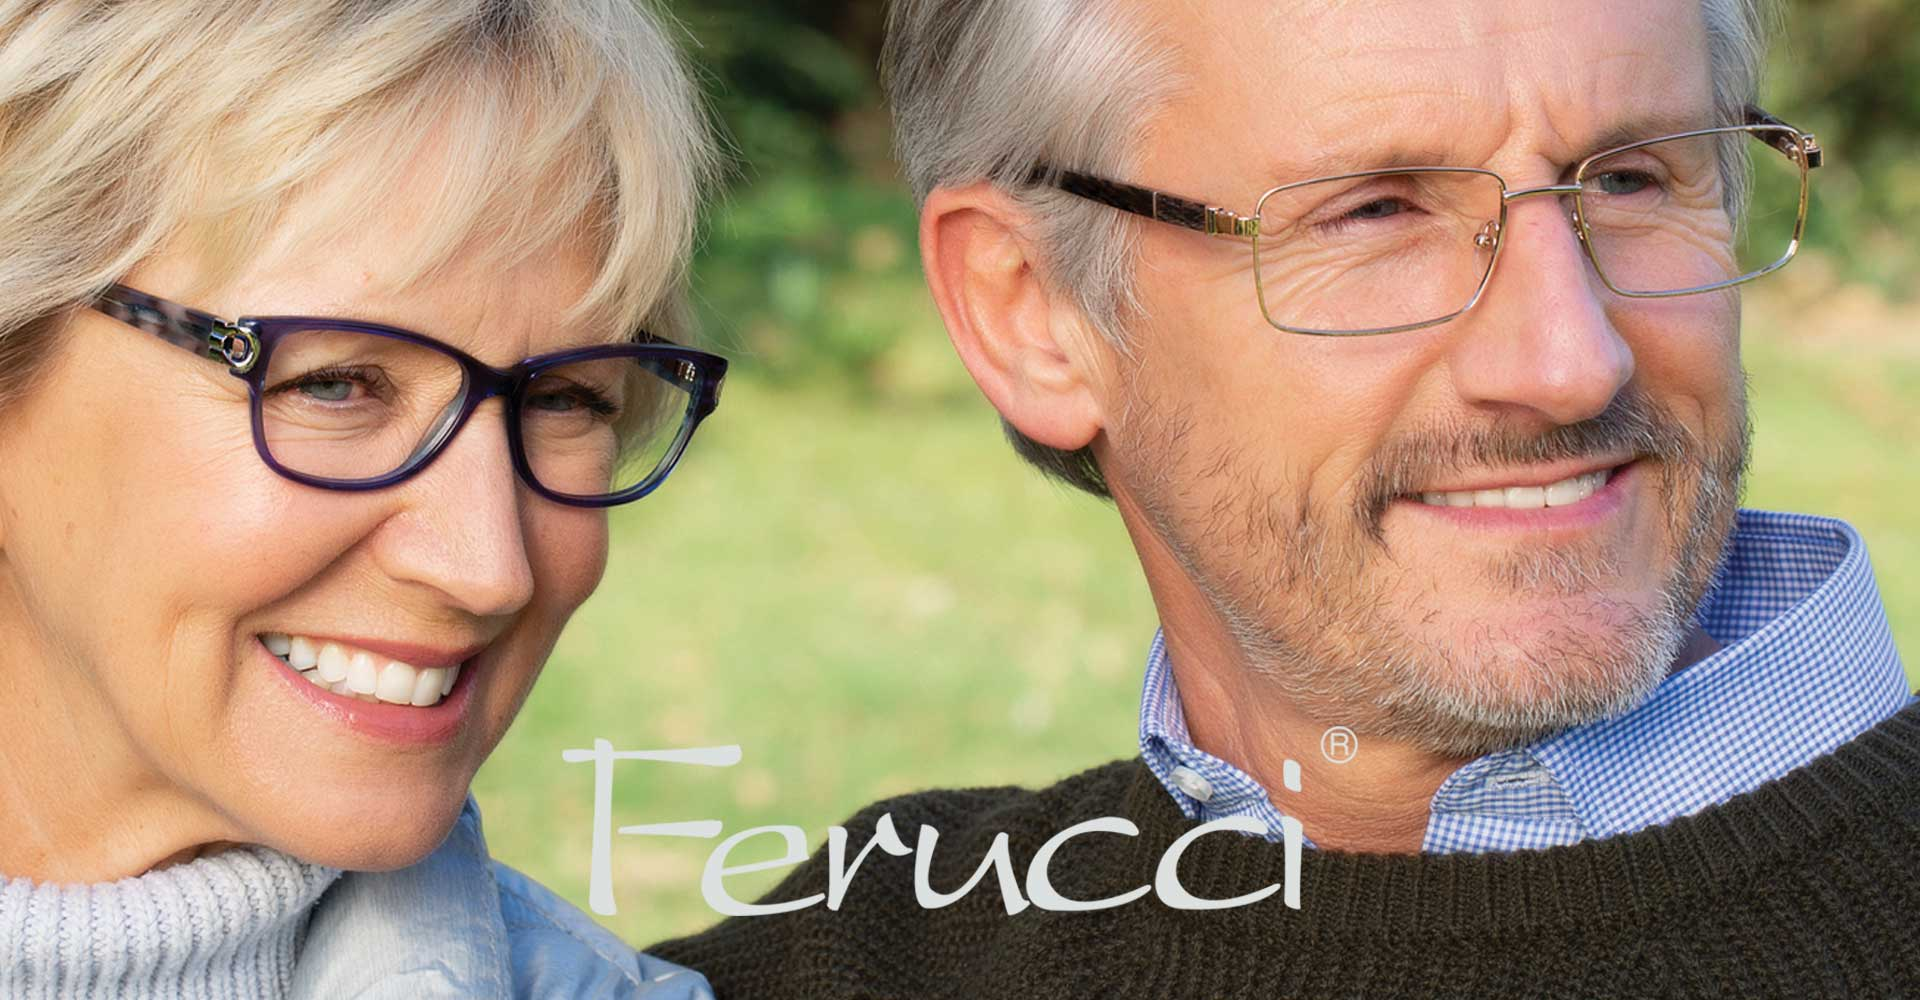 Ferucci